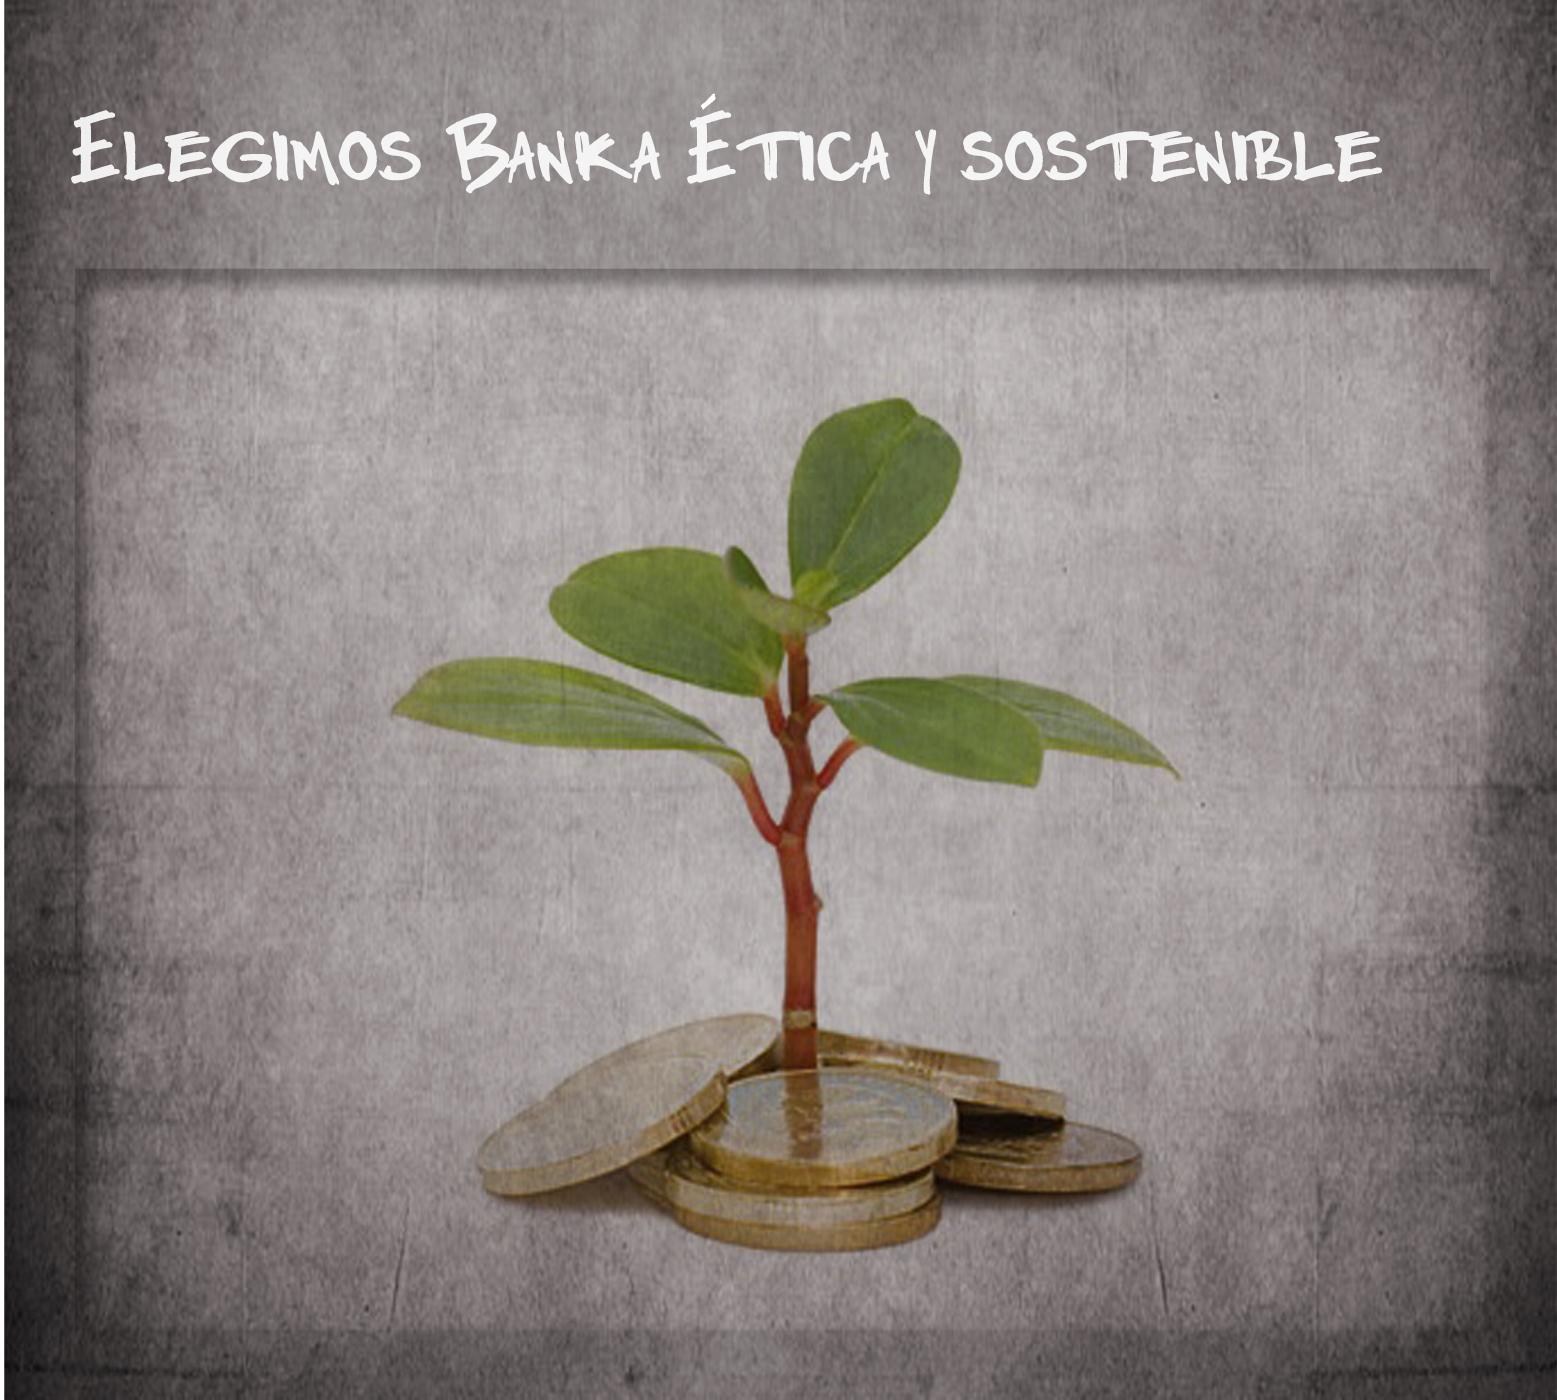 banca ética y sostenible